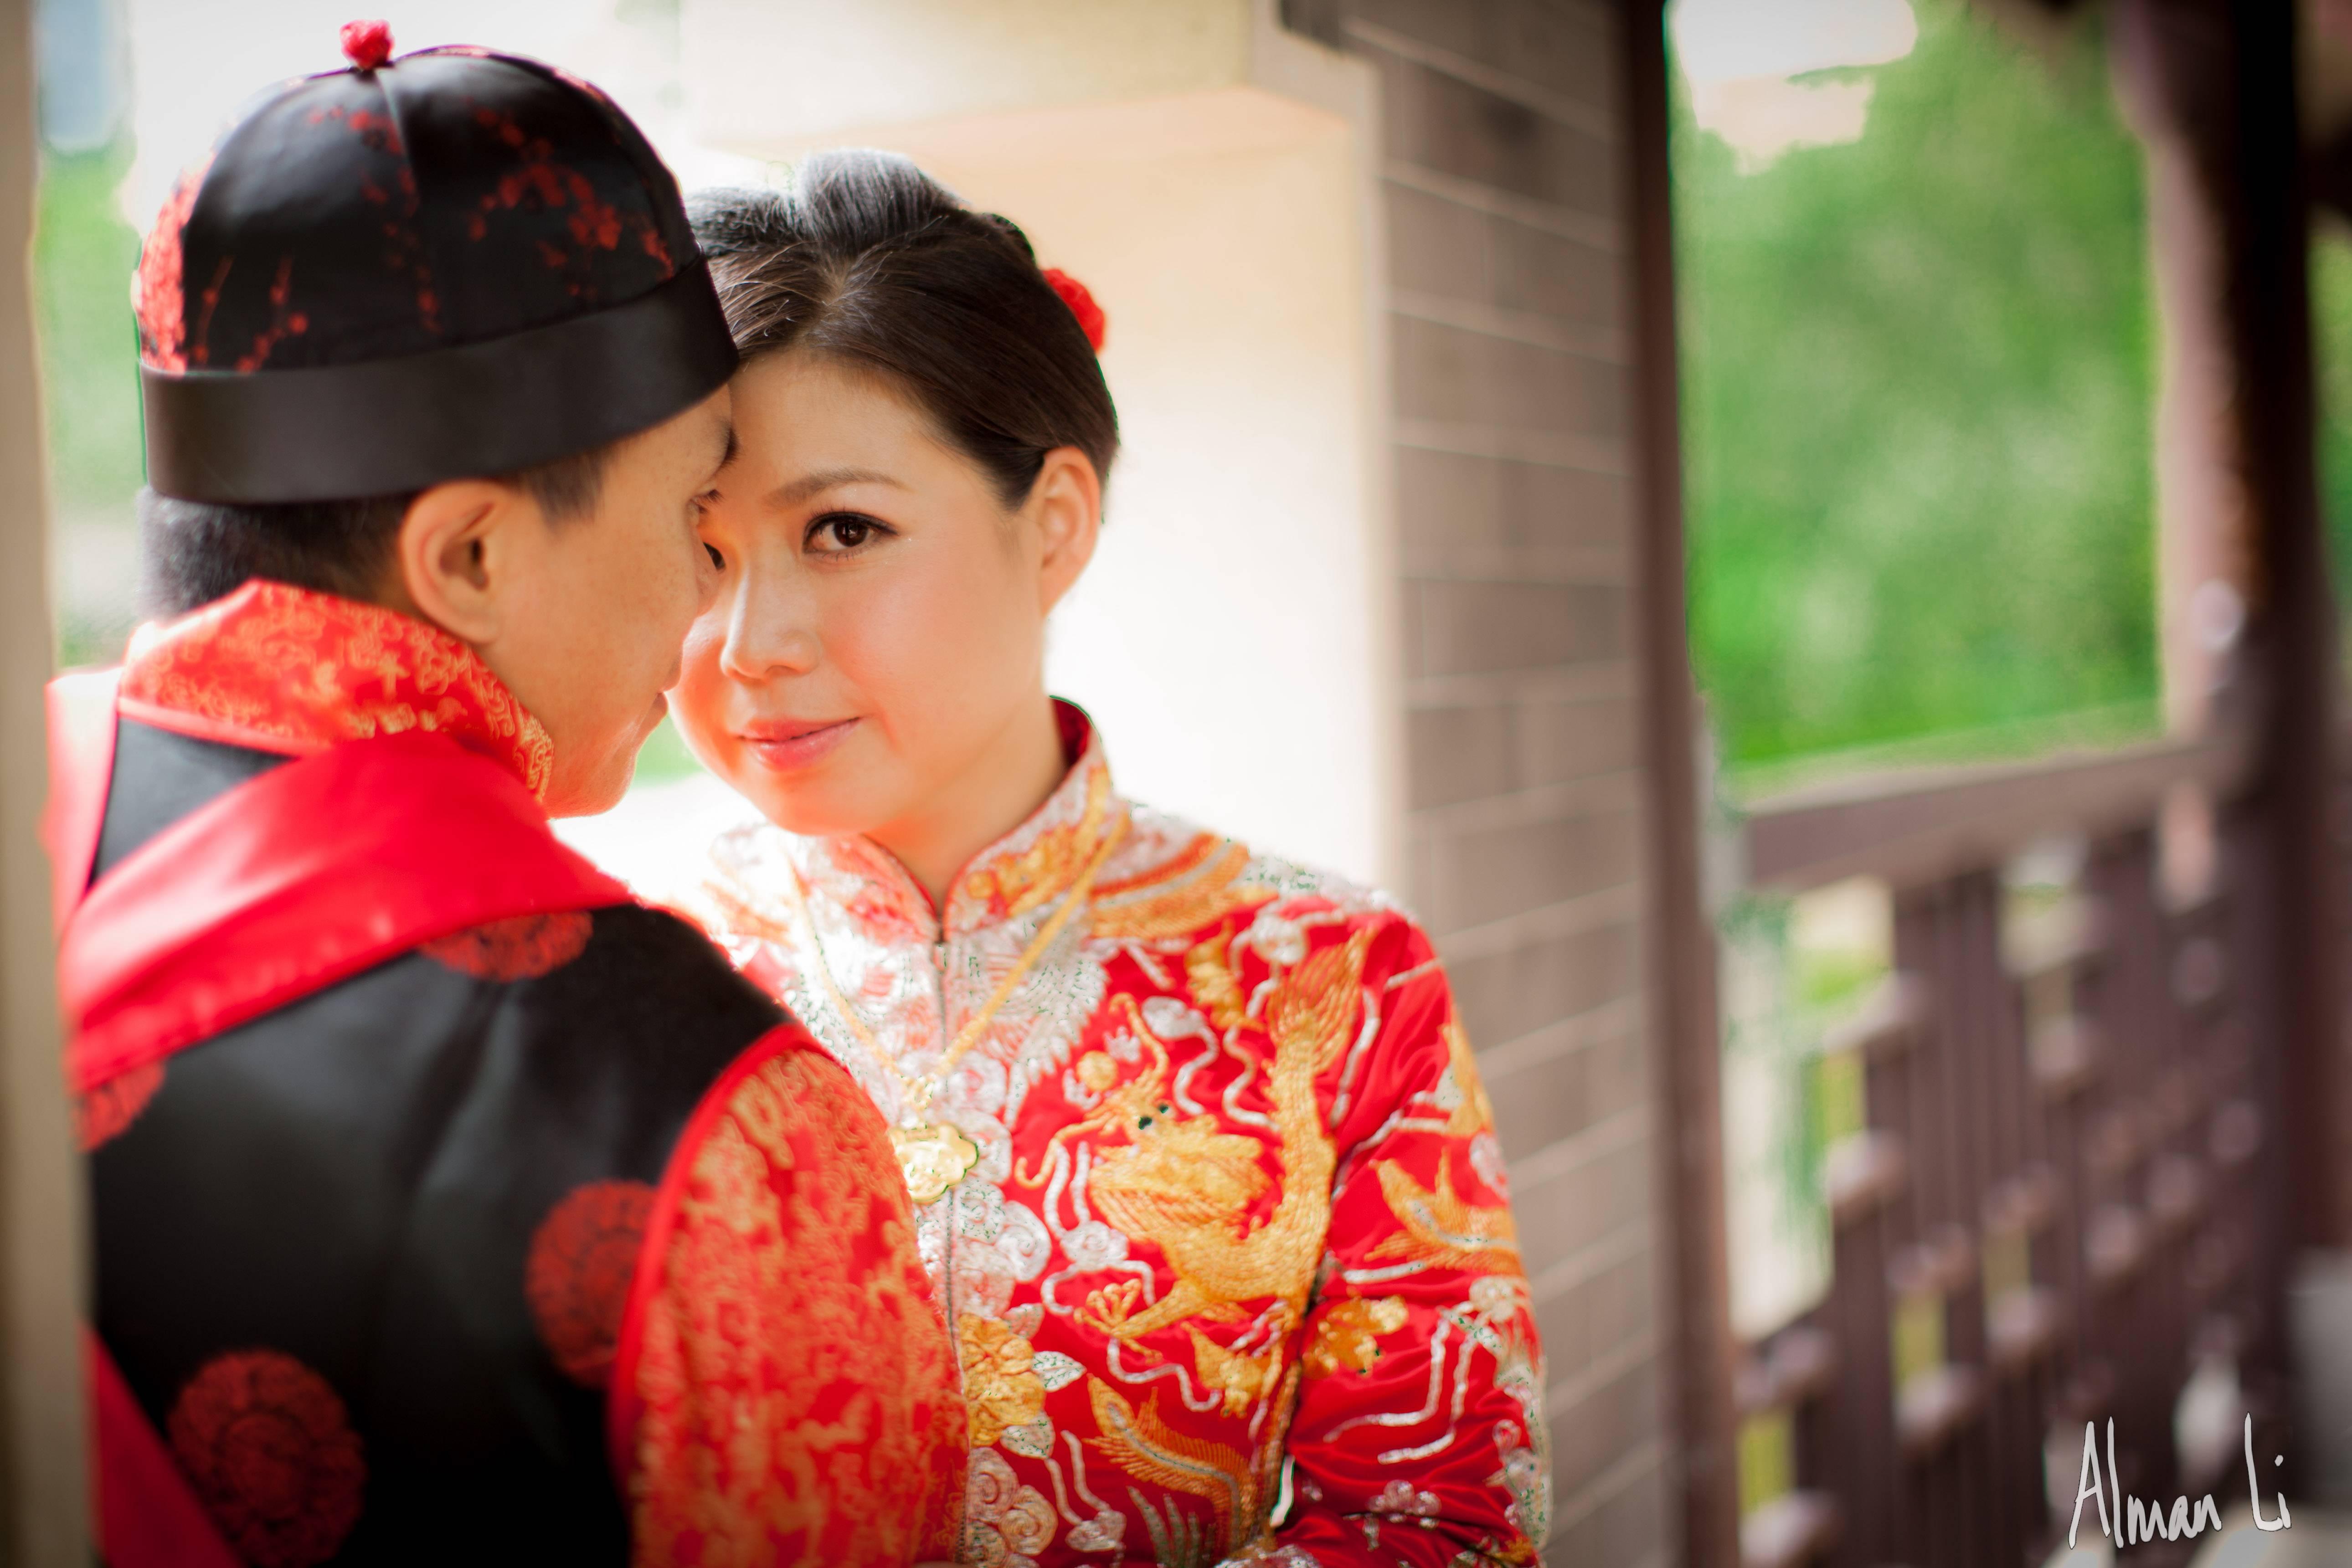 """Презентация на тему: """"китайская свадьба. в китае свадьба – это «красный» праздник, потому что центральным цветом китайской свадьбы является именно красный цвет. красного цвета."""". скачать бесплатно и без регистрации."""